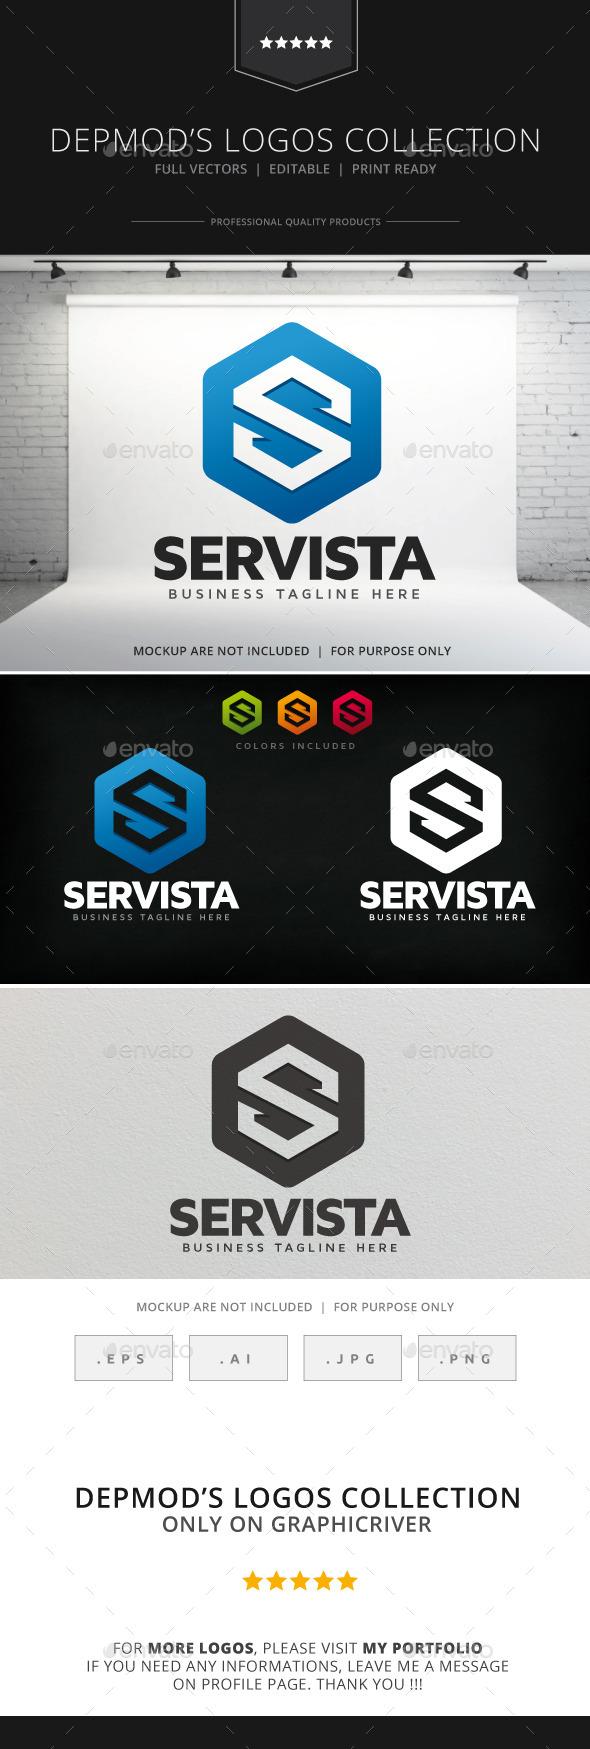 GraphicRiver Servista Logo 9132427